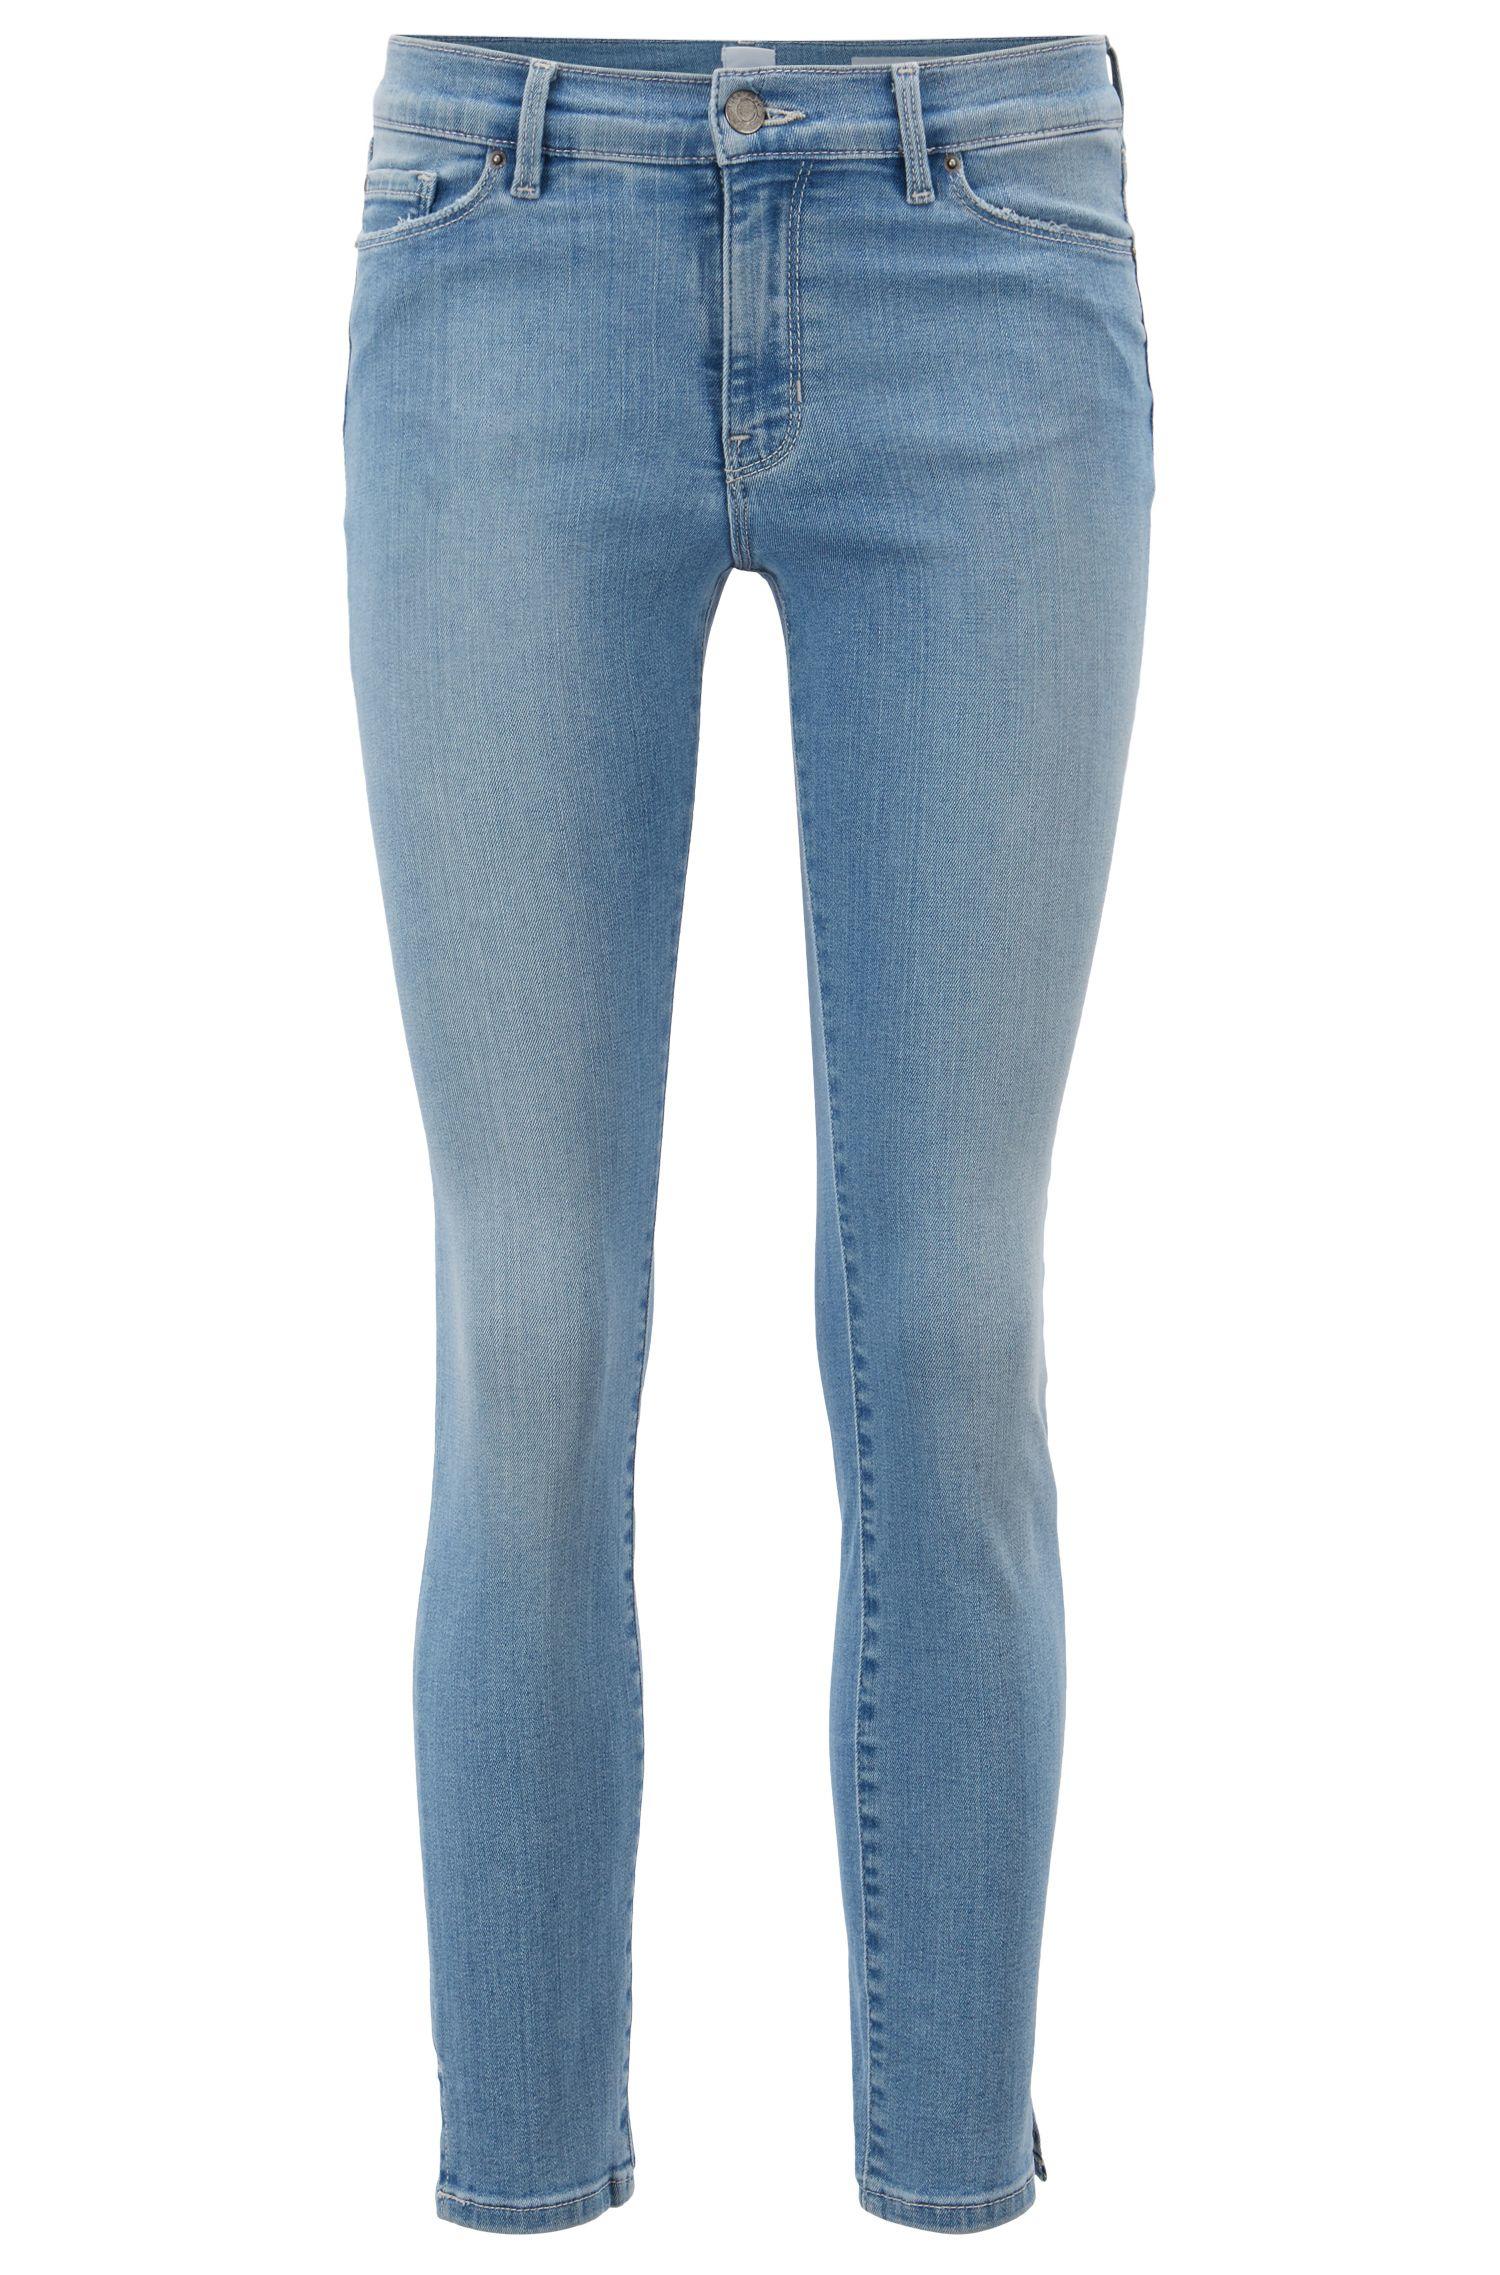 Skinny-Fit Jeans aus Denim mit Saumschlitzen, Türkis